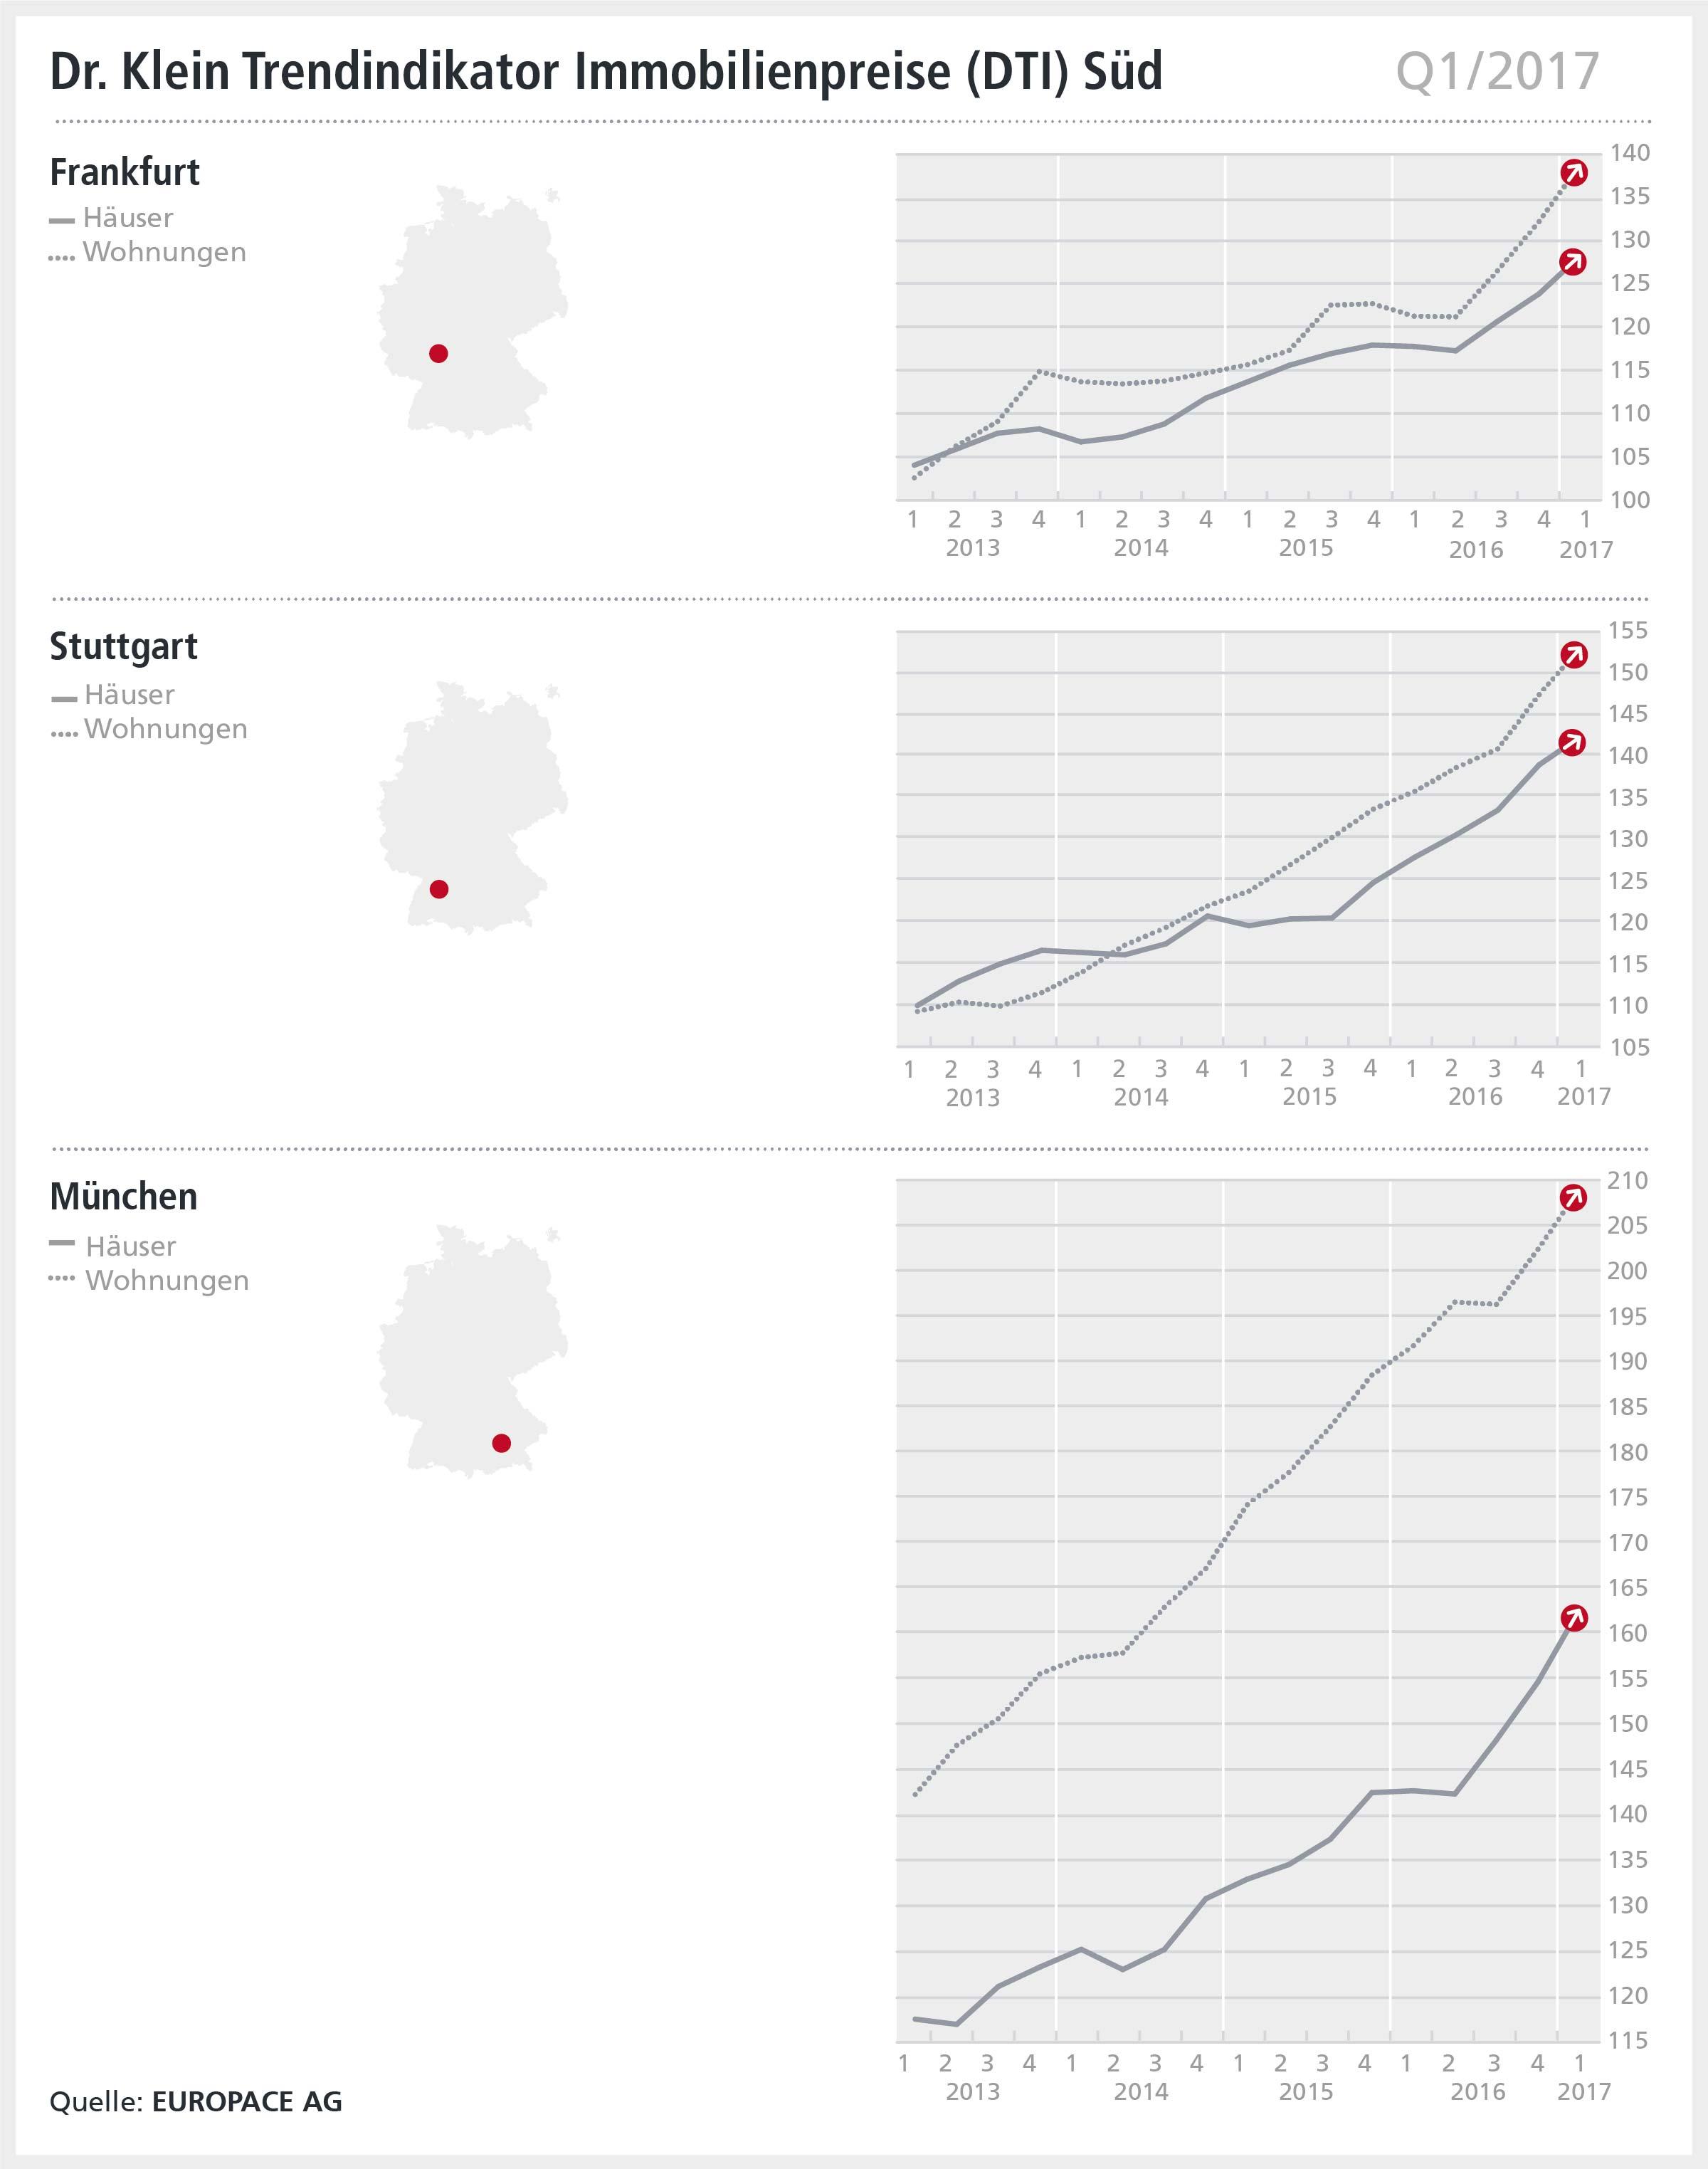 Infografik DTI Süd Q1 2017: Immobilienpreise in Deutschlands südlichen Regionen